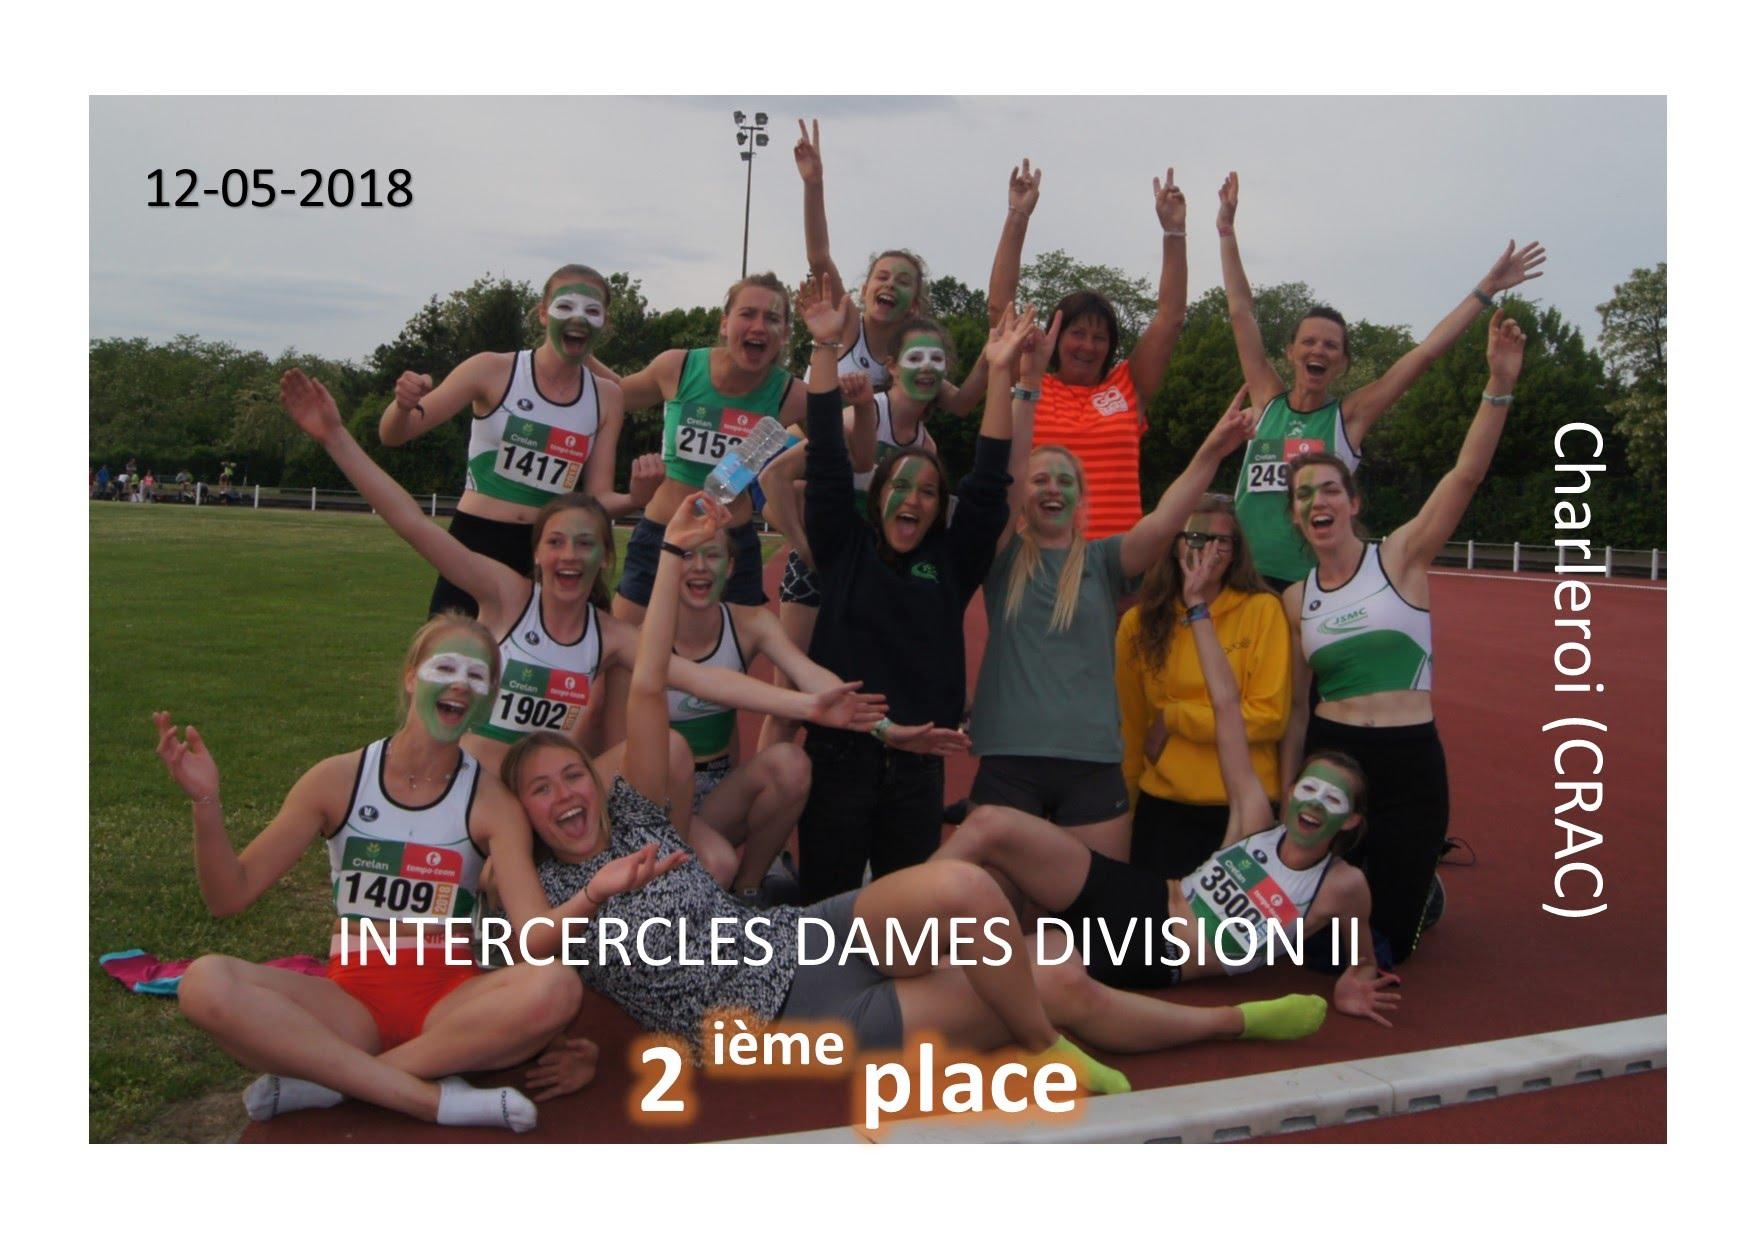 2018-5-12 équipe Dames 2ième place Div II